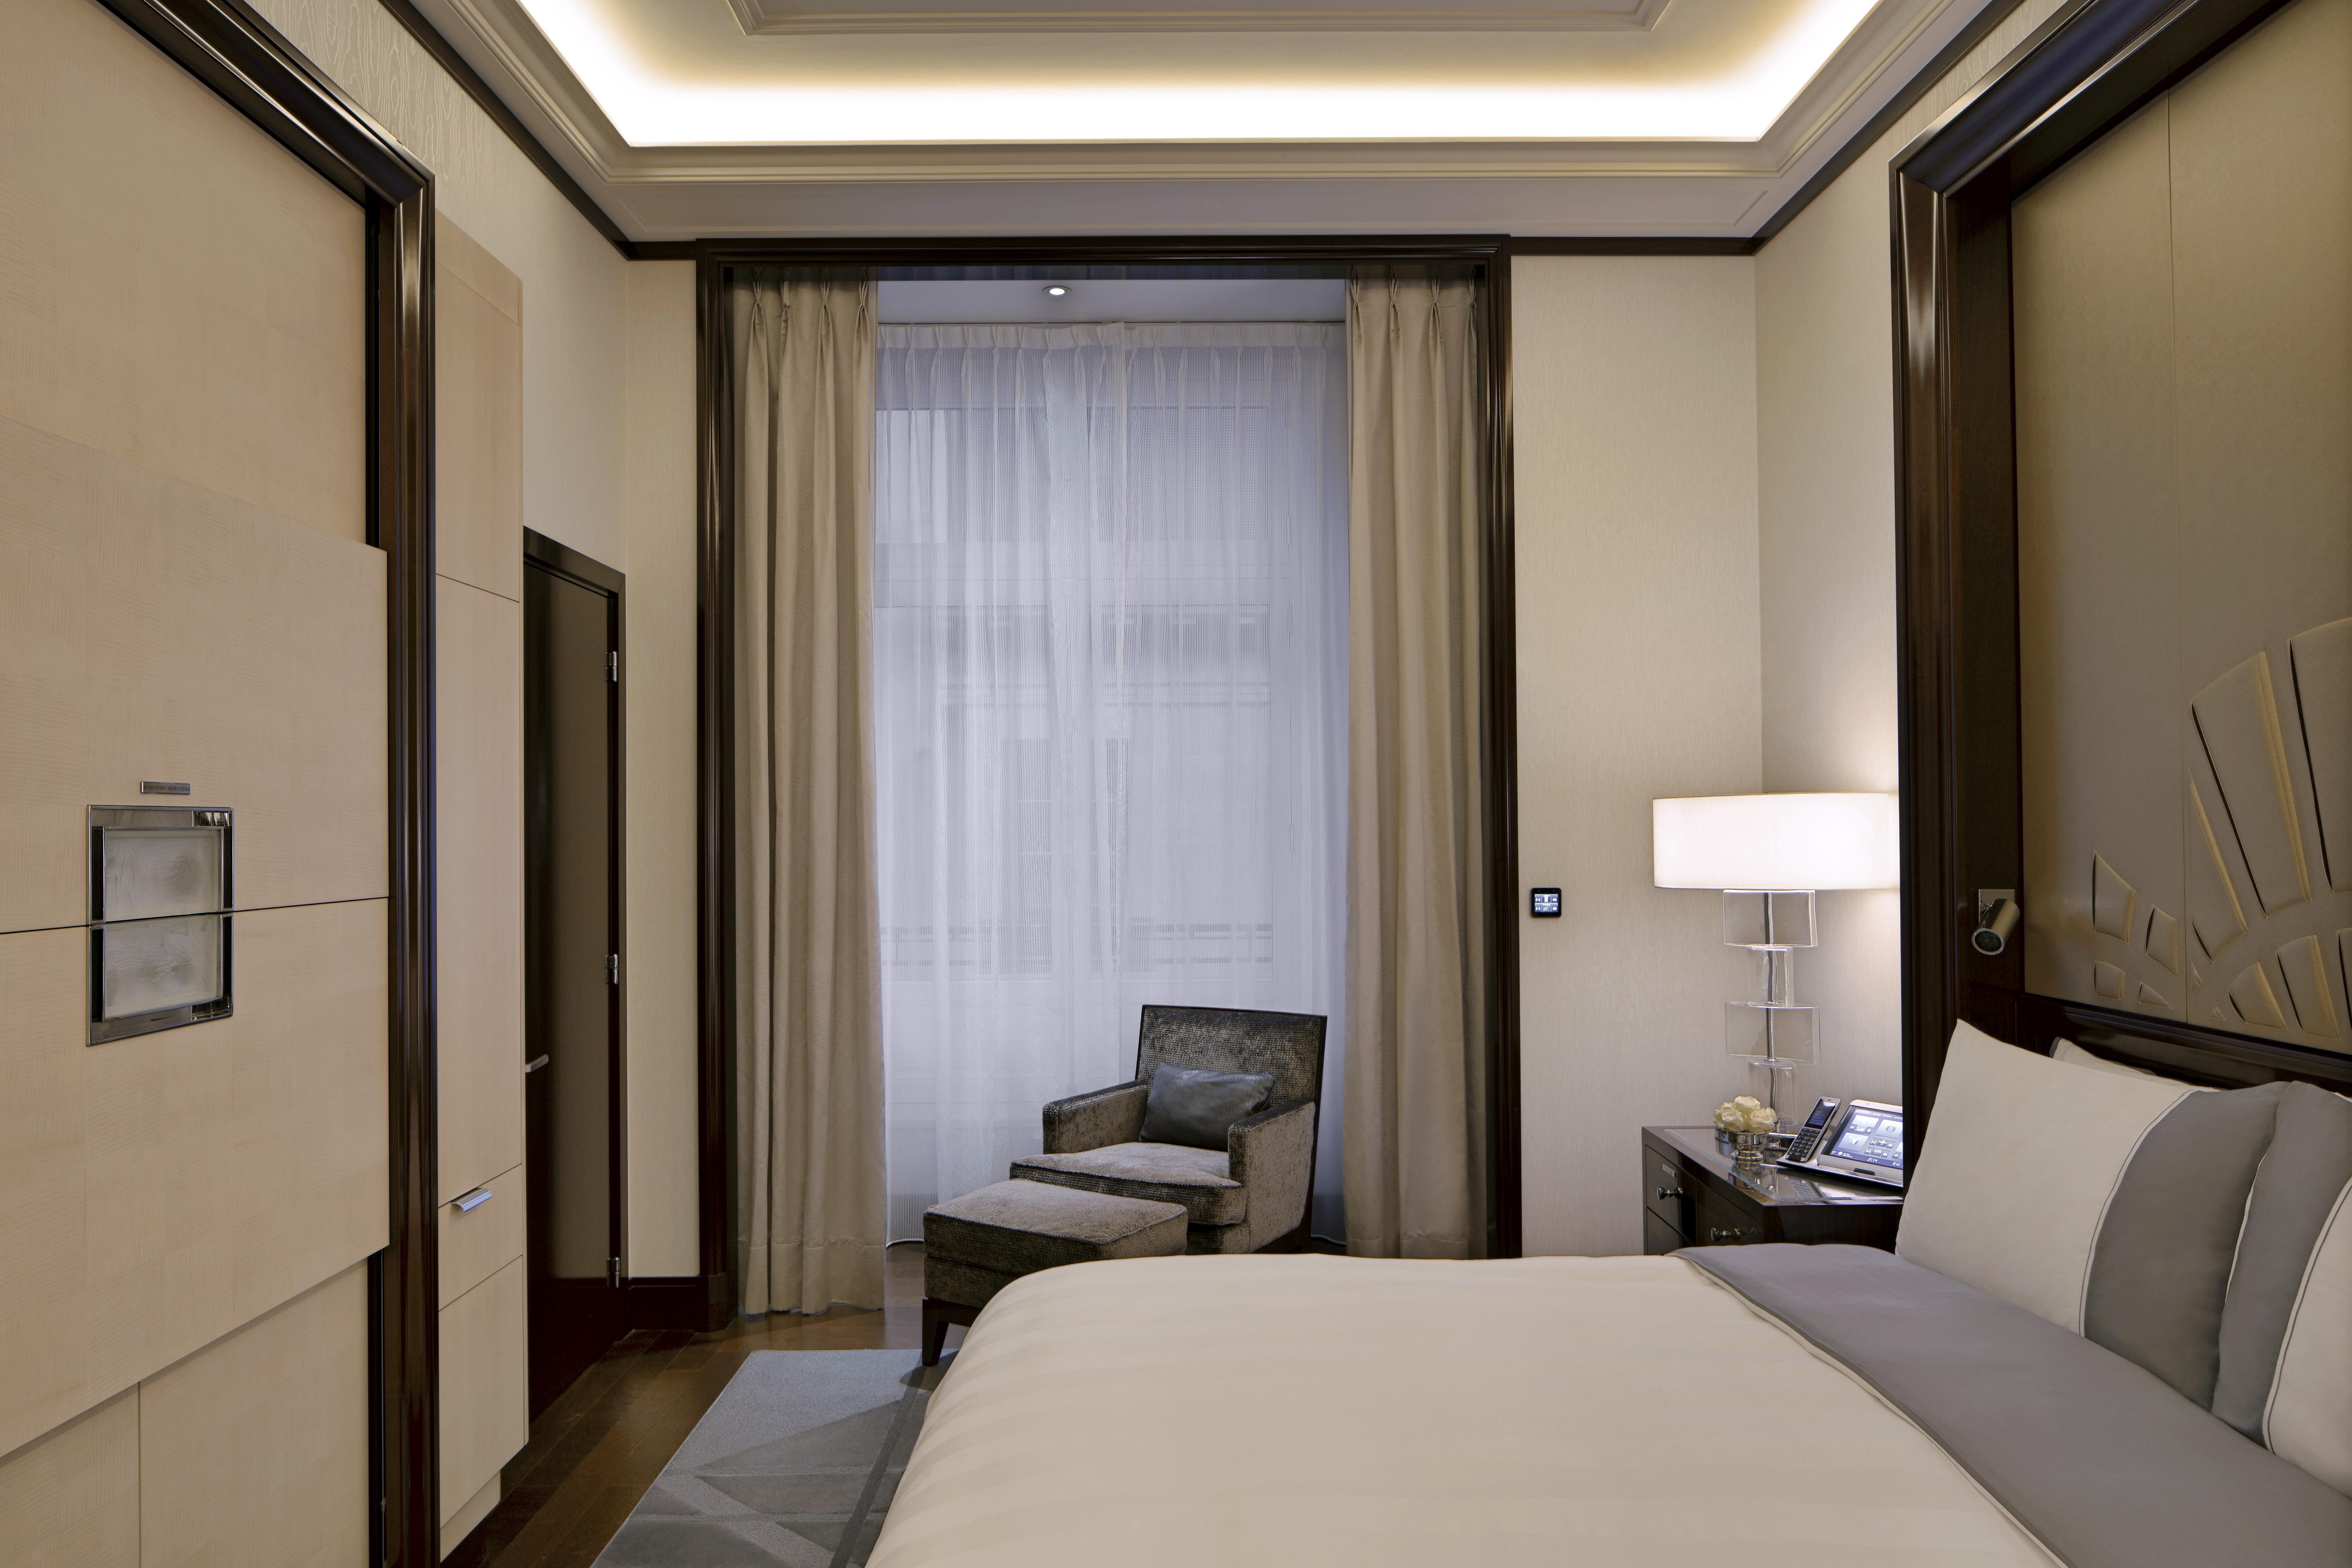 HOTEL PENINSULA 5***** PARIS